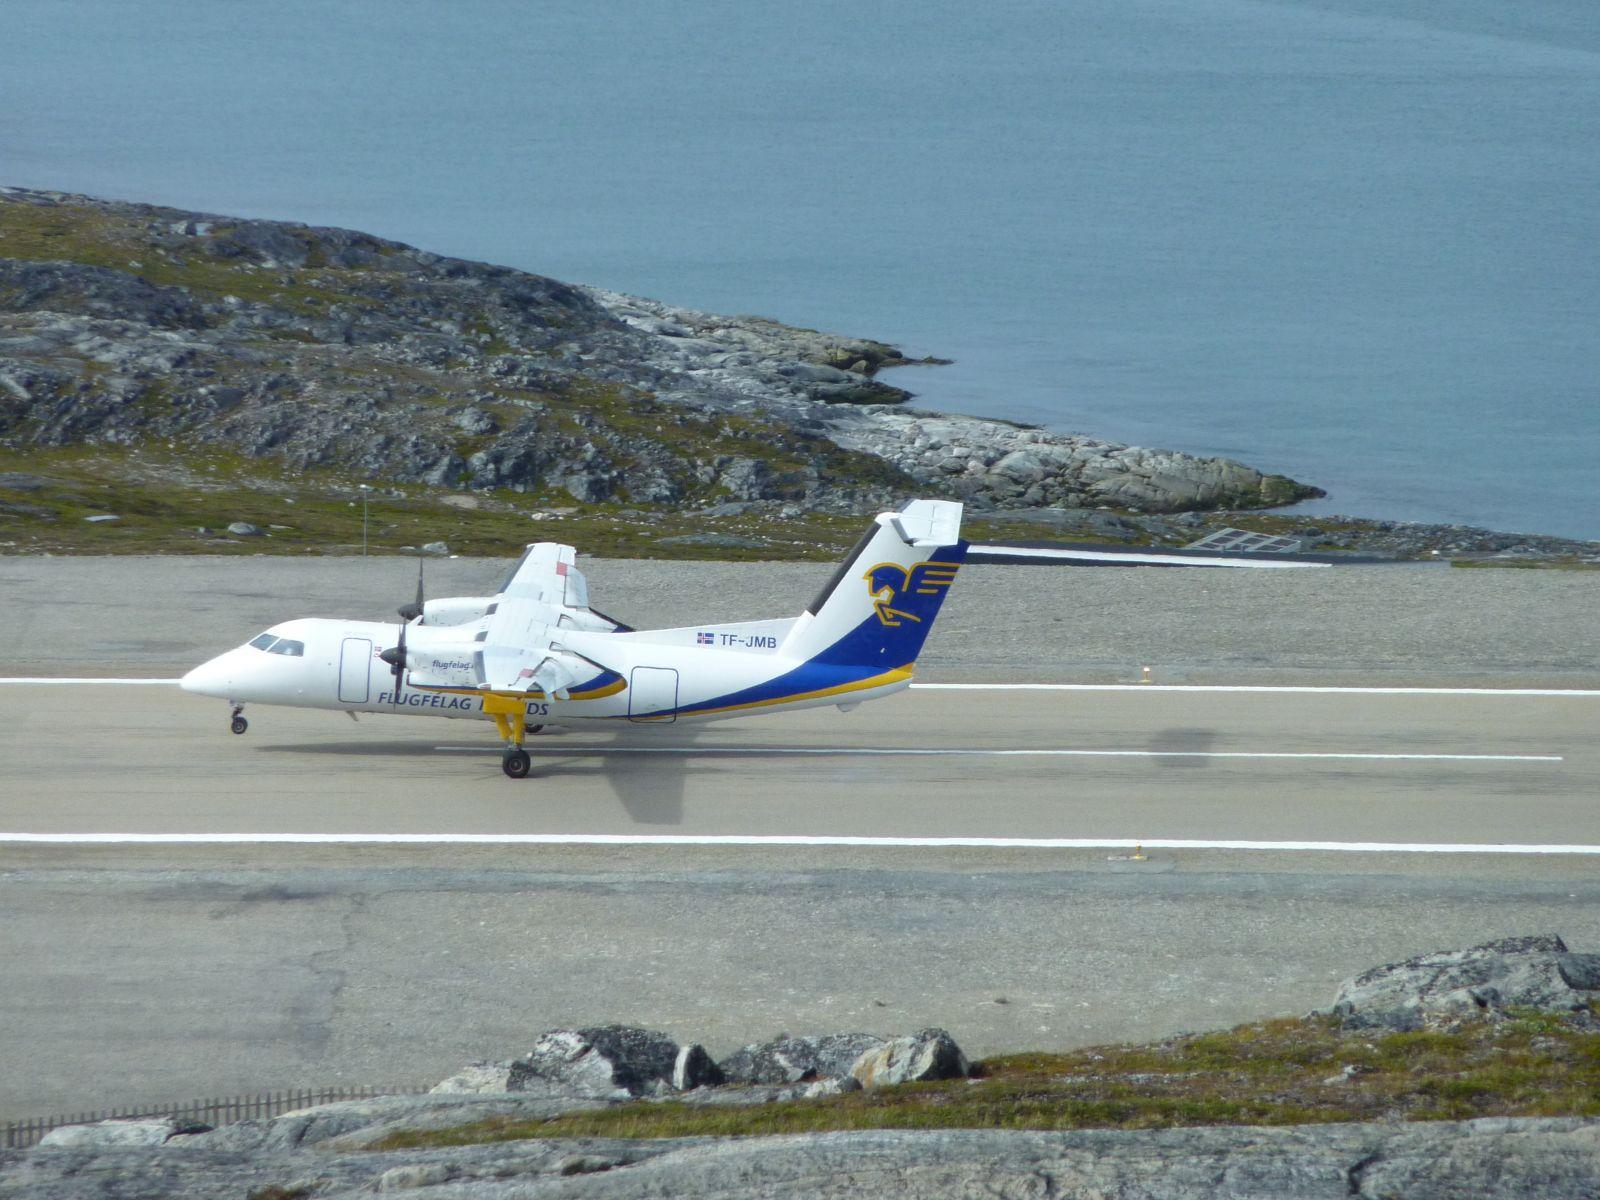 2010-08-09-1332_-_Fly